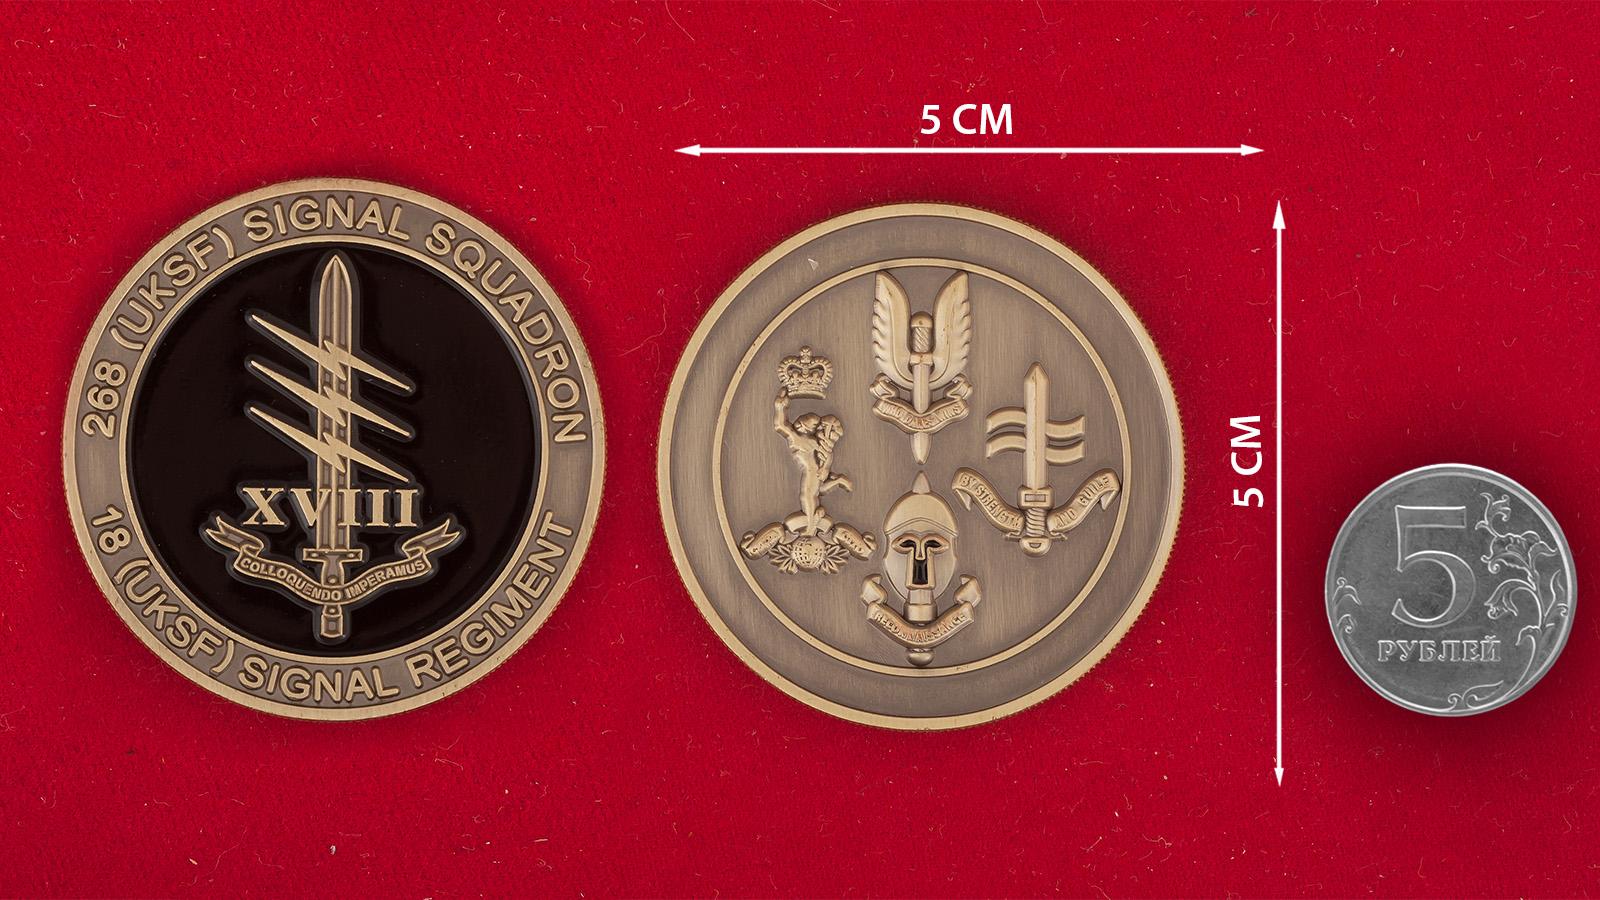 Челлендж коин 268-й роты связи 18-го полка Армии Великобритании - сравнительный размер